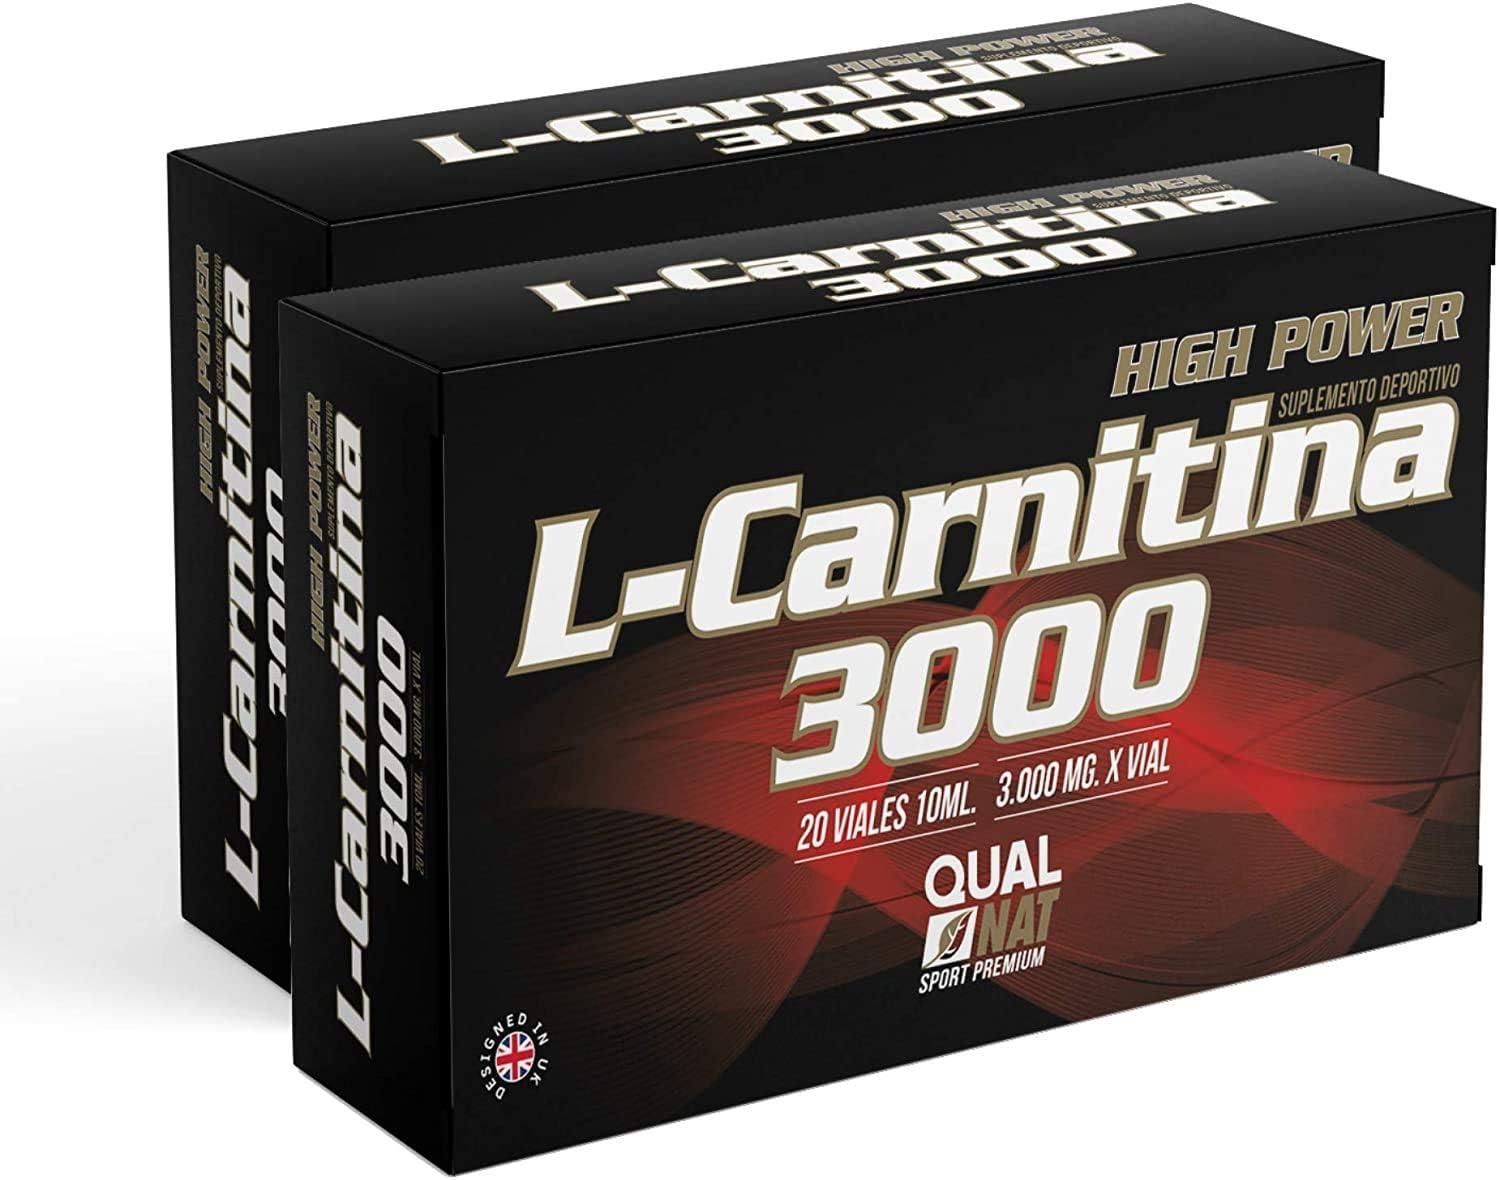 L Carnitina 3000  Líquida   L-carnitina Con Vitamina C   Suplemento Deportivo - Pack 2-40 viales-Qualnat